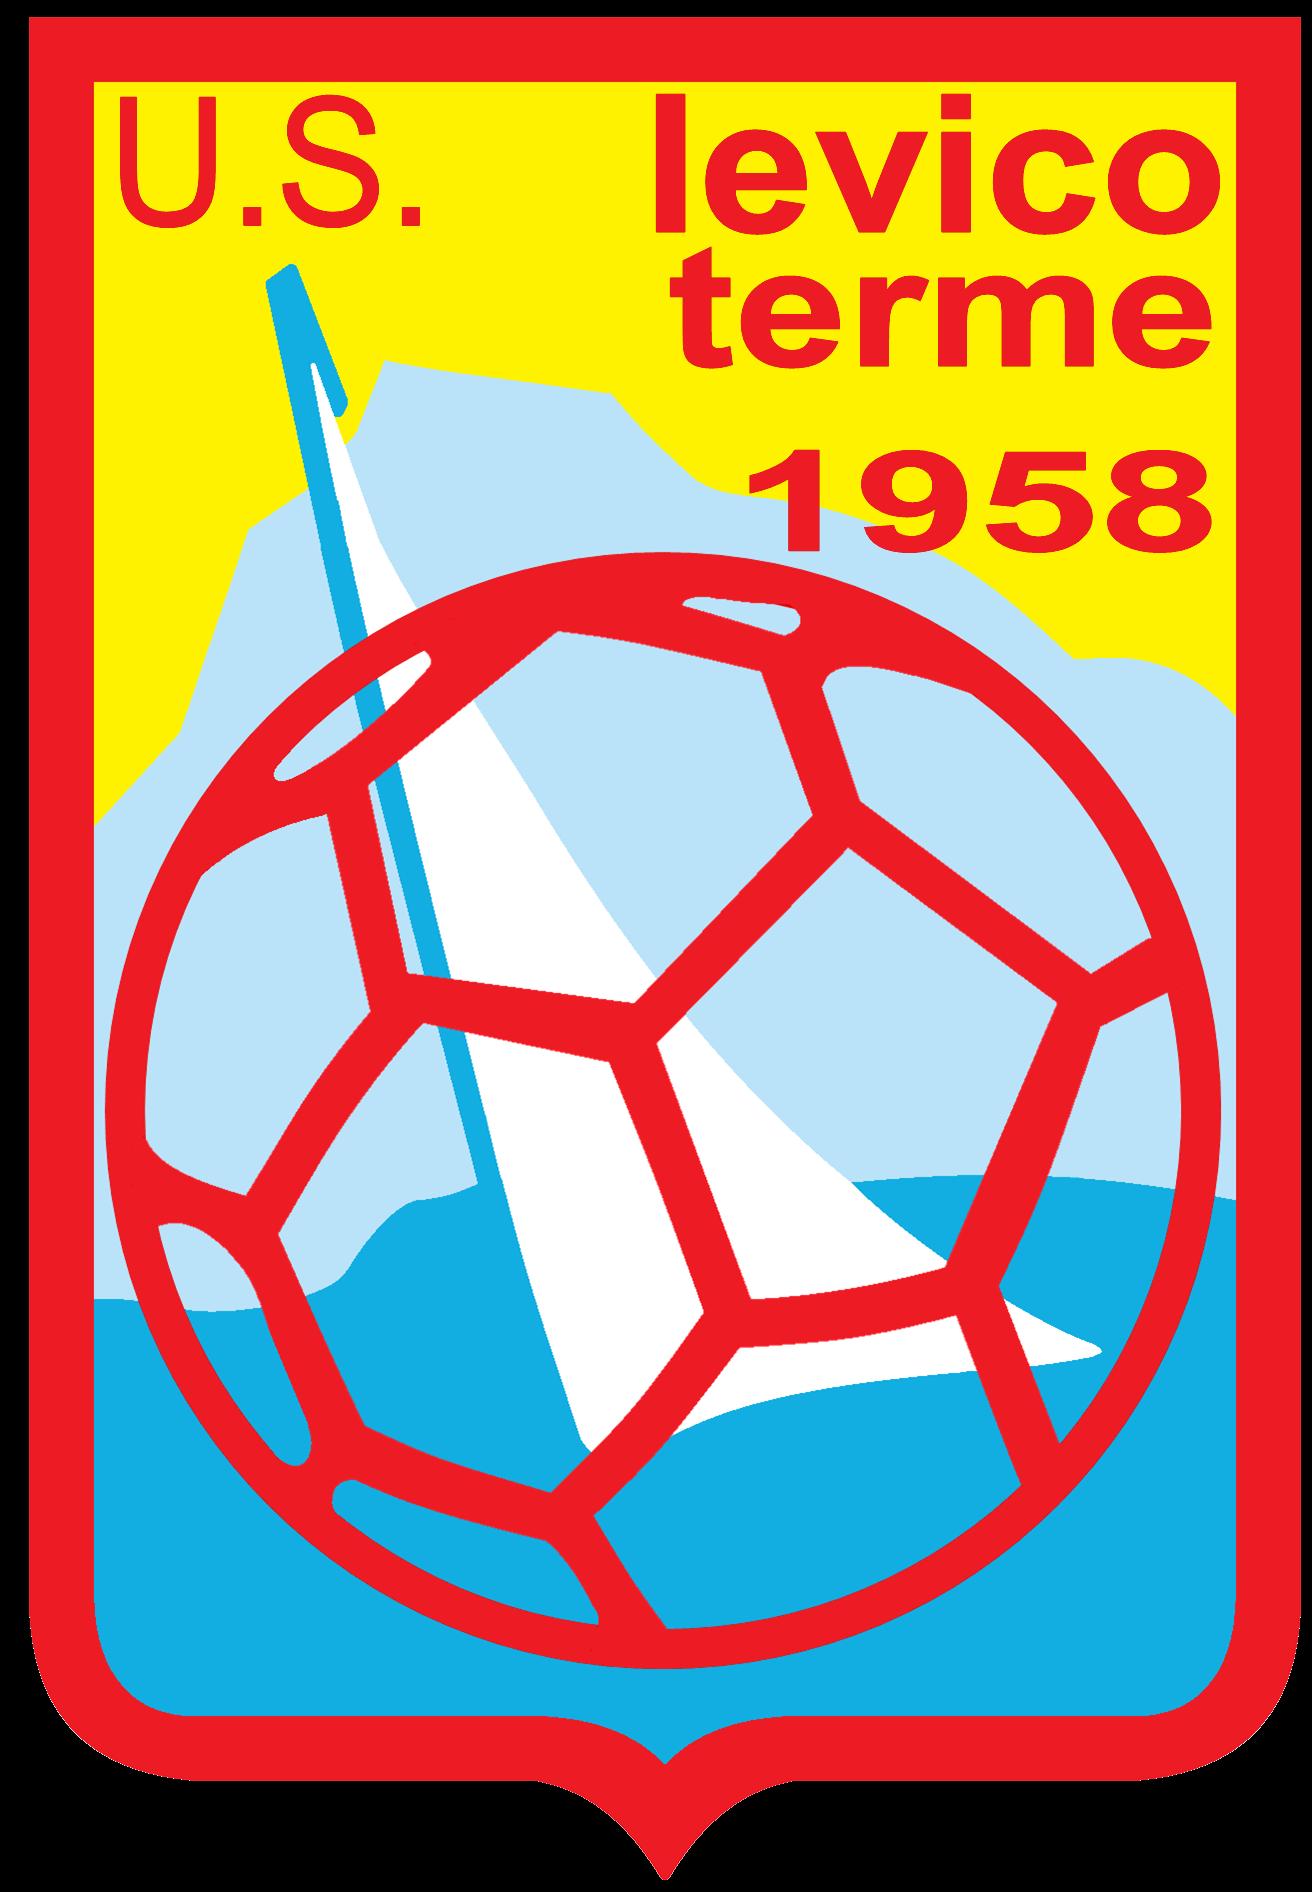 Levico terme scheda squadra italia serie d girone c for Tuttocampo serie d